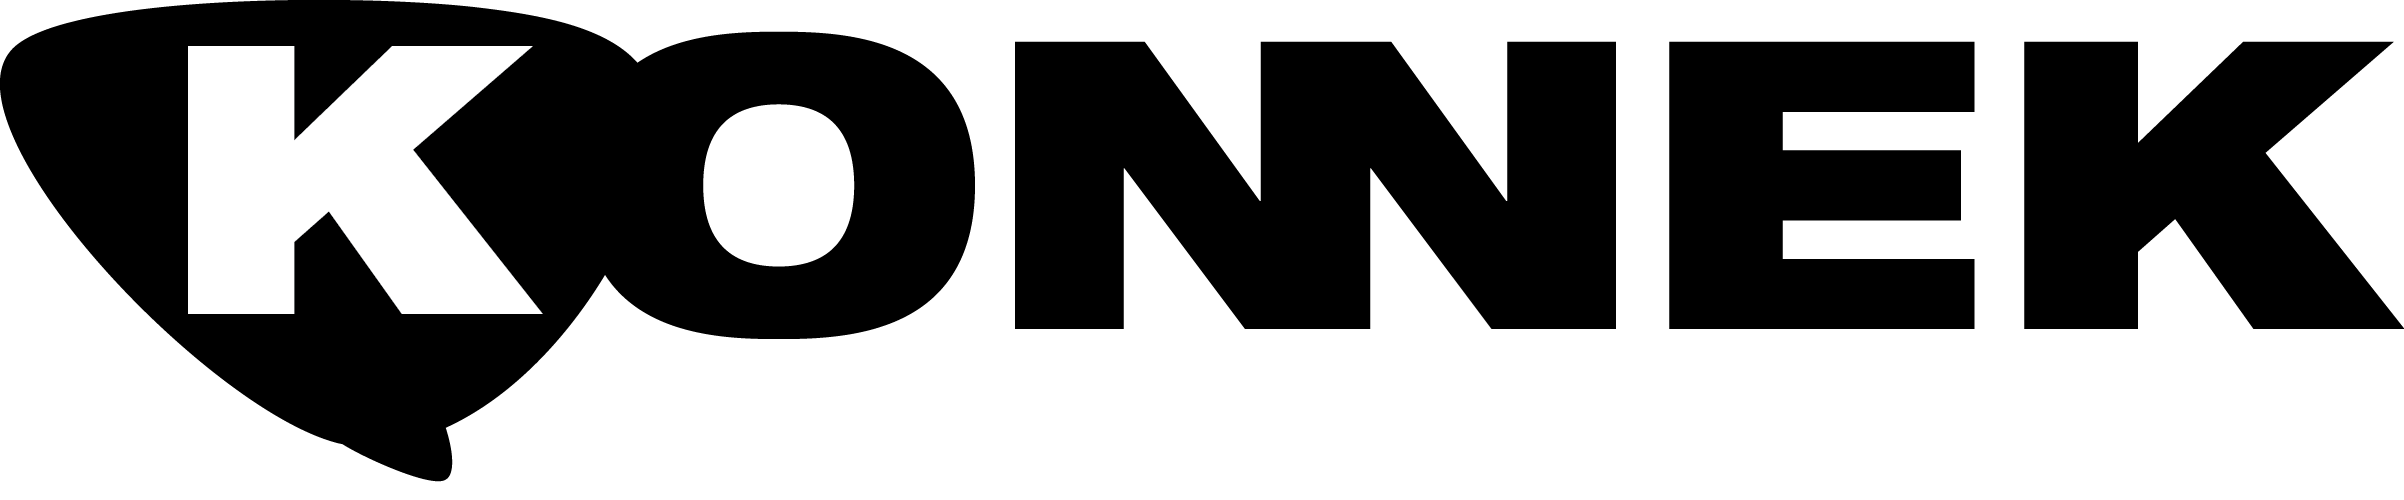 KONNEK - Black-01.png